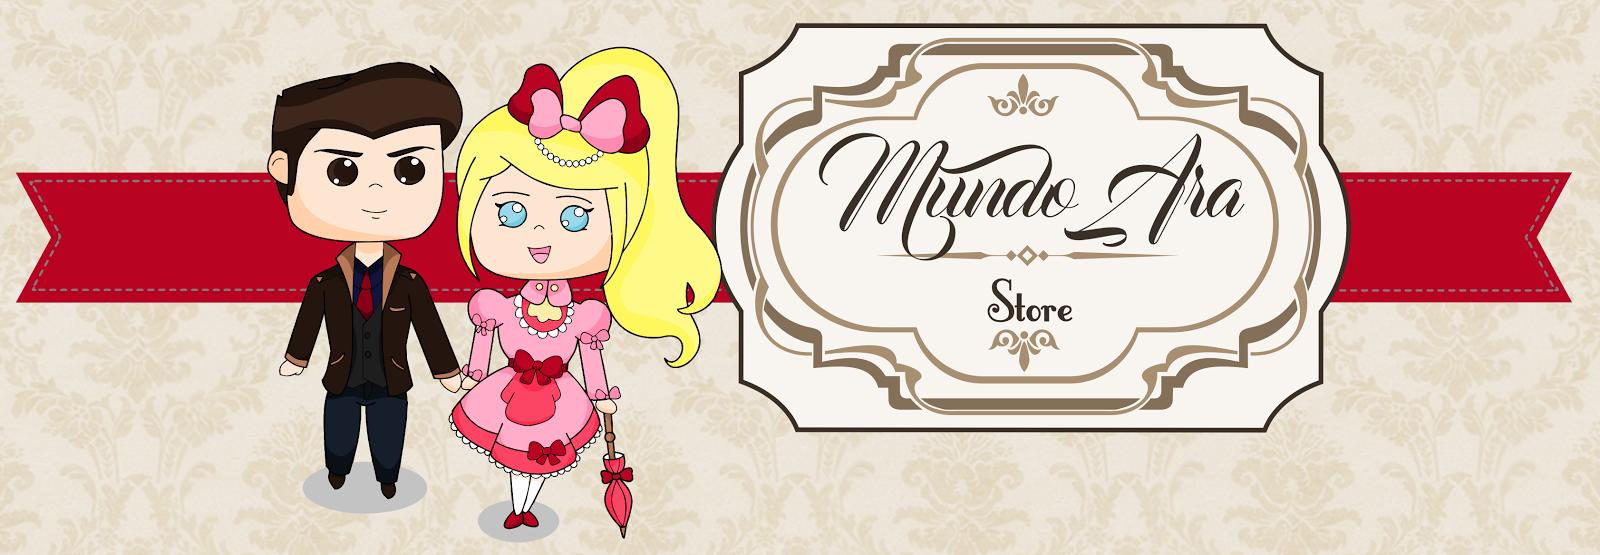 Mundo Ara Store